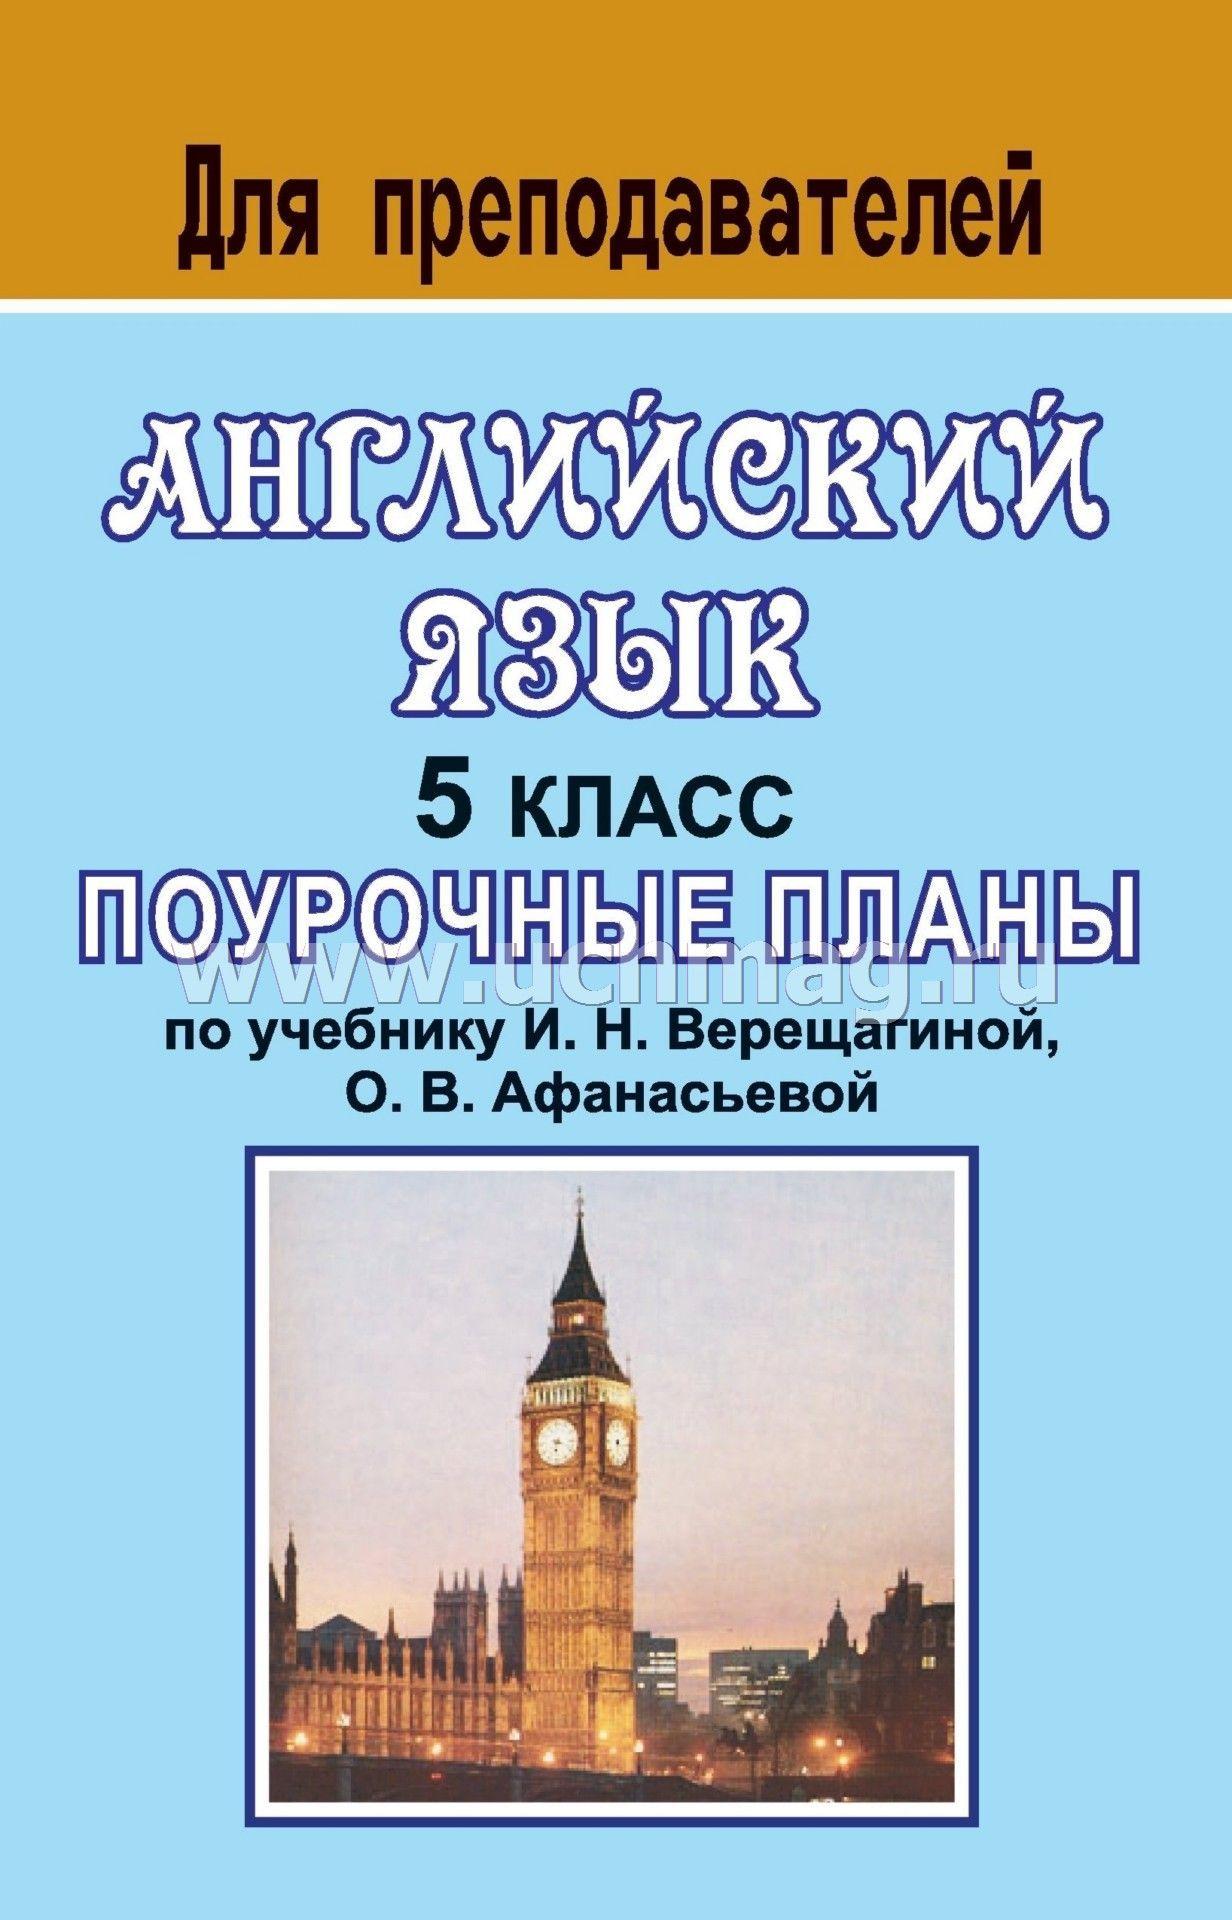 поурочное планирование по английскому языку 5 класс афанасьева михеева